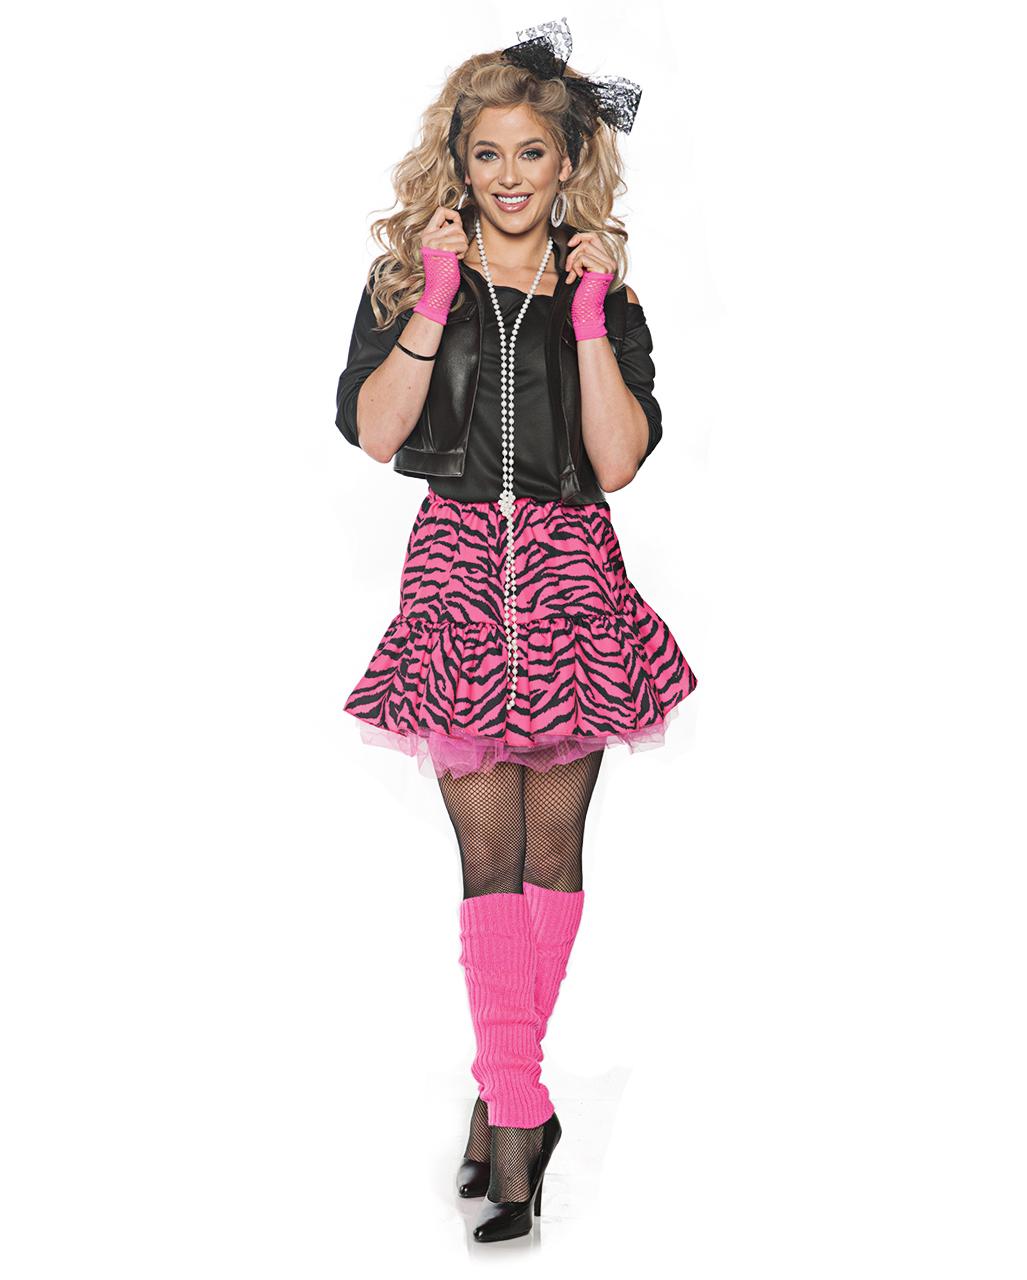 61523753eeb2 80s Pop Star Diva Costume for Carnival   Mottofete